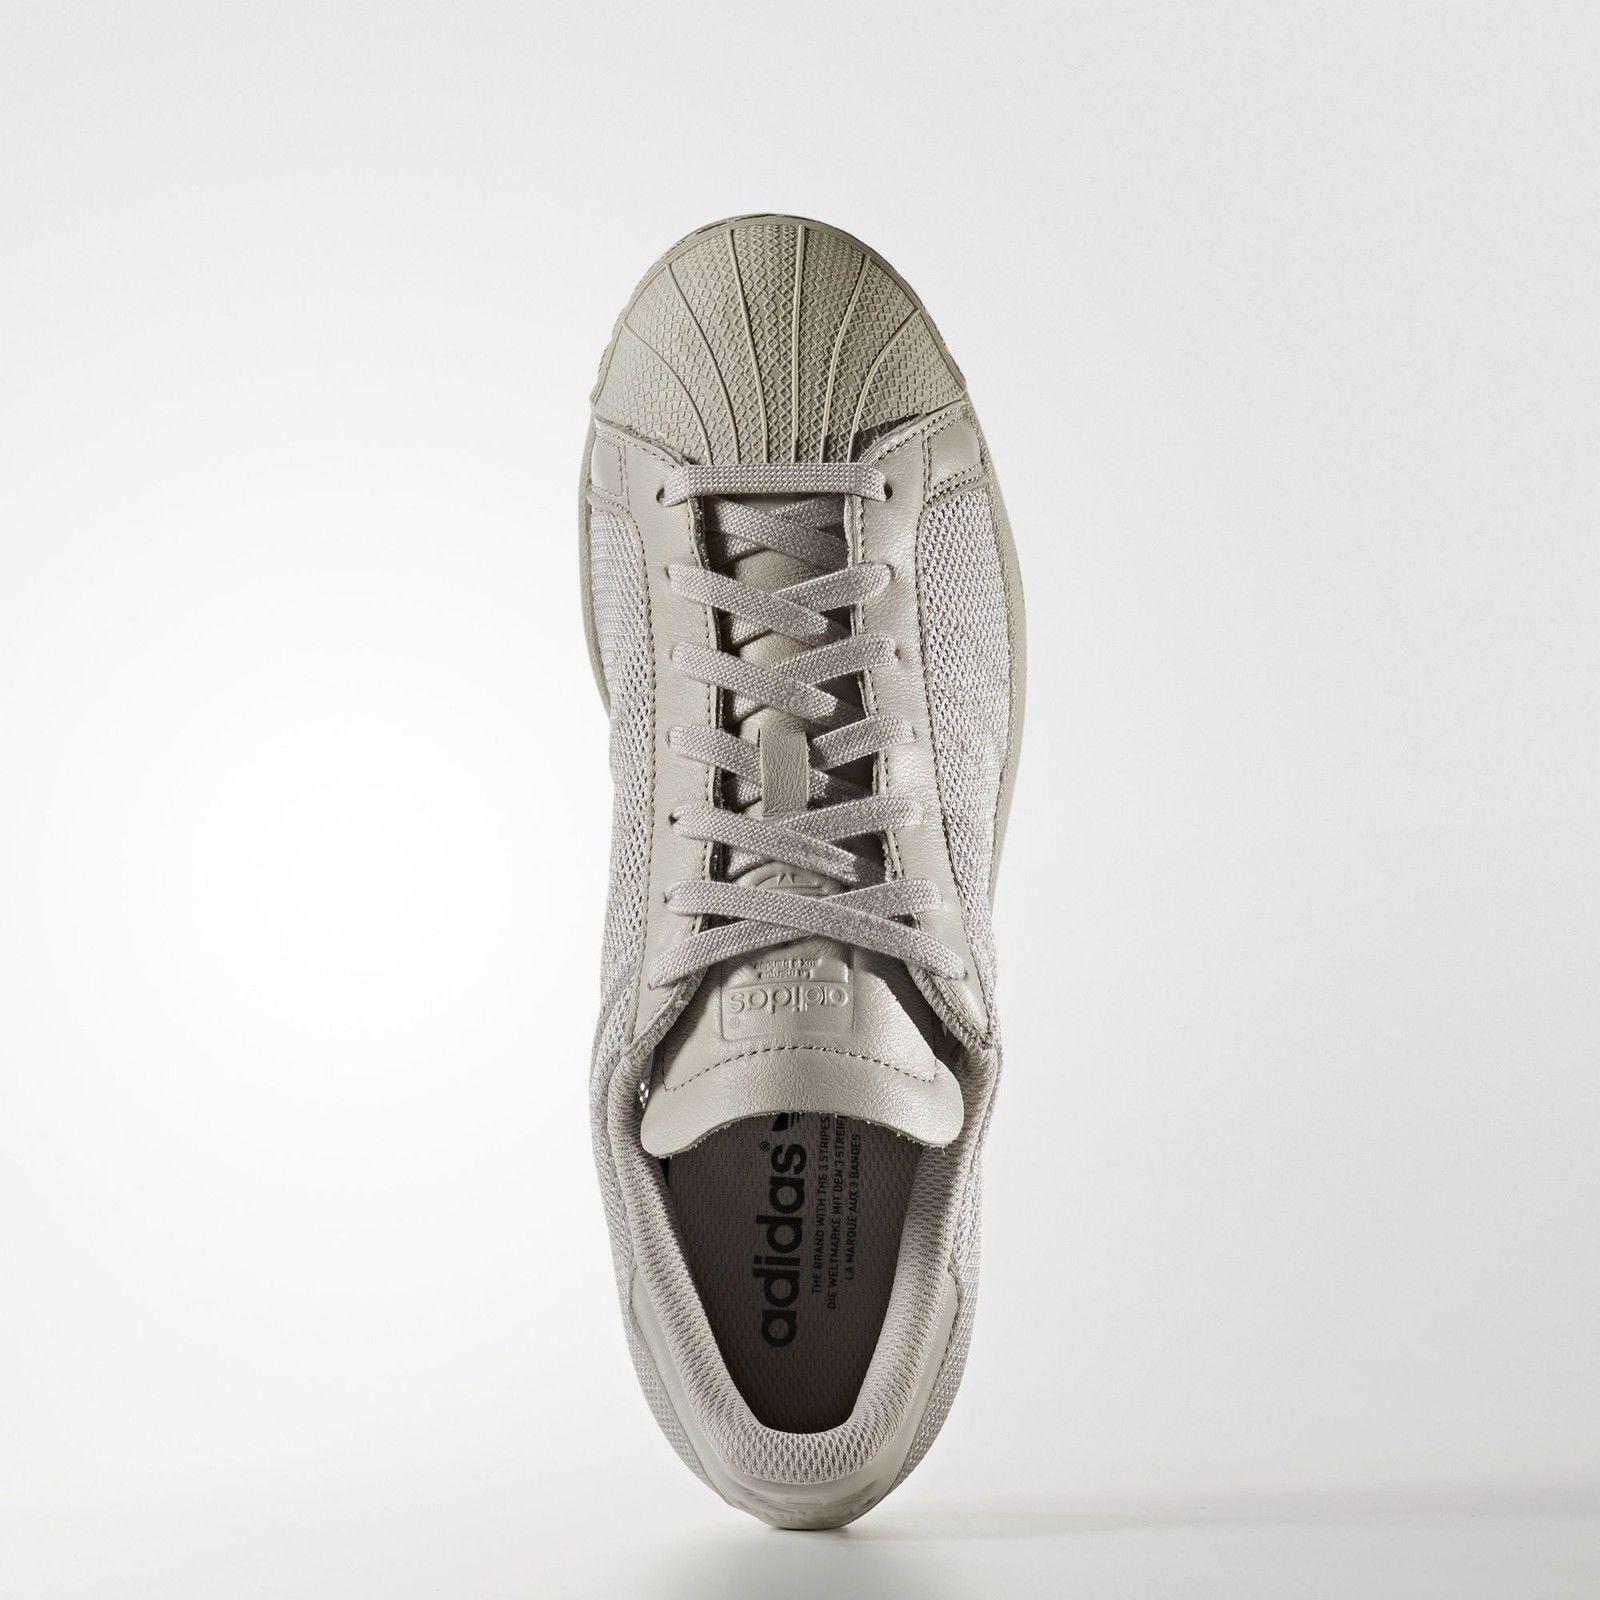 new arrivals 482af ded85 ... NIB adidas Hombre Hombre Hombre 9,5 Superstar triple bb3696 granito  estilo de vida Casual ...